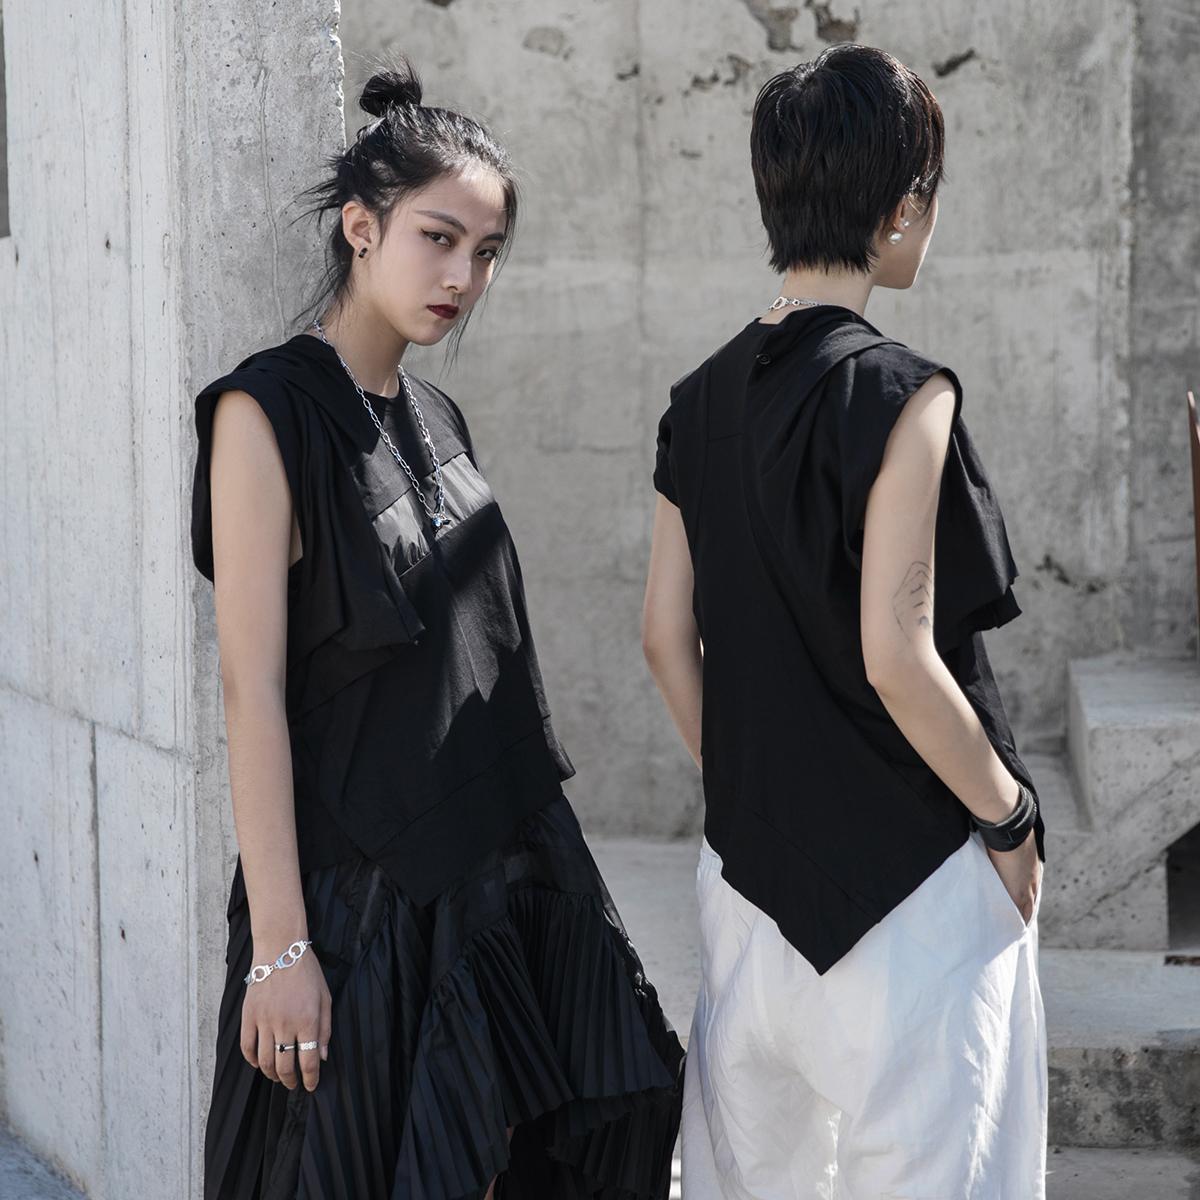 无袖t恤 SIMPLE BLACK 原创设计师款夏季不规则修身女士无袖T恤_推荐淘宝好看的女无袖t恤